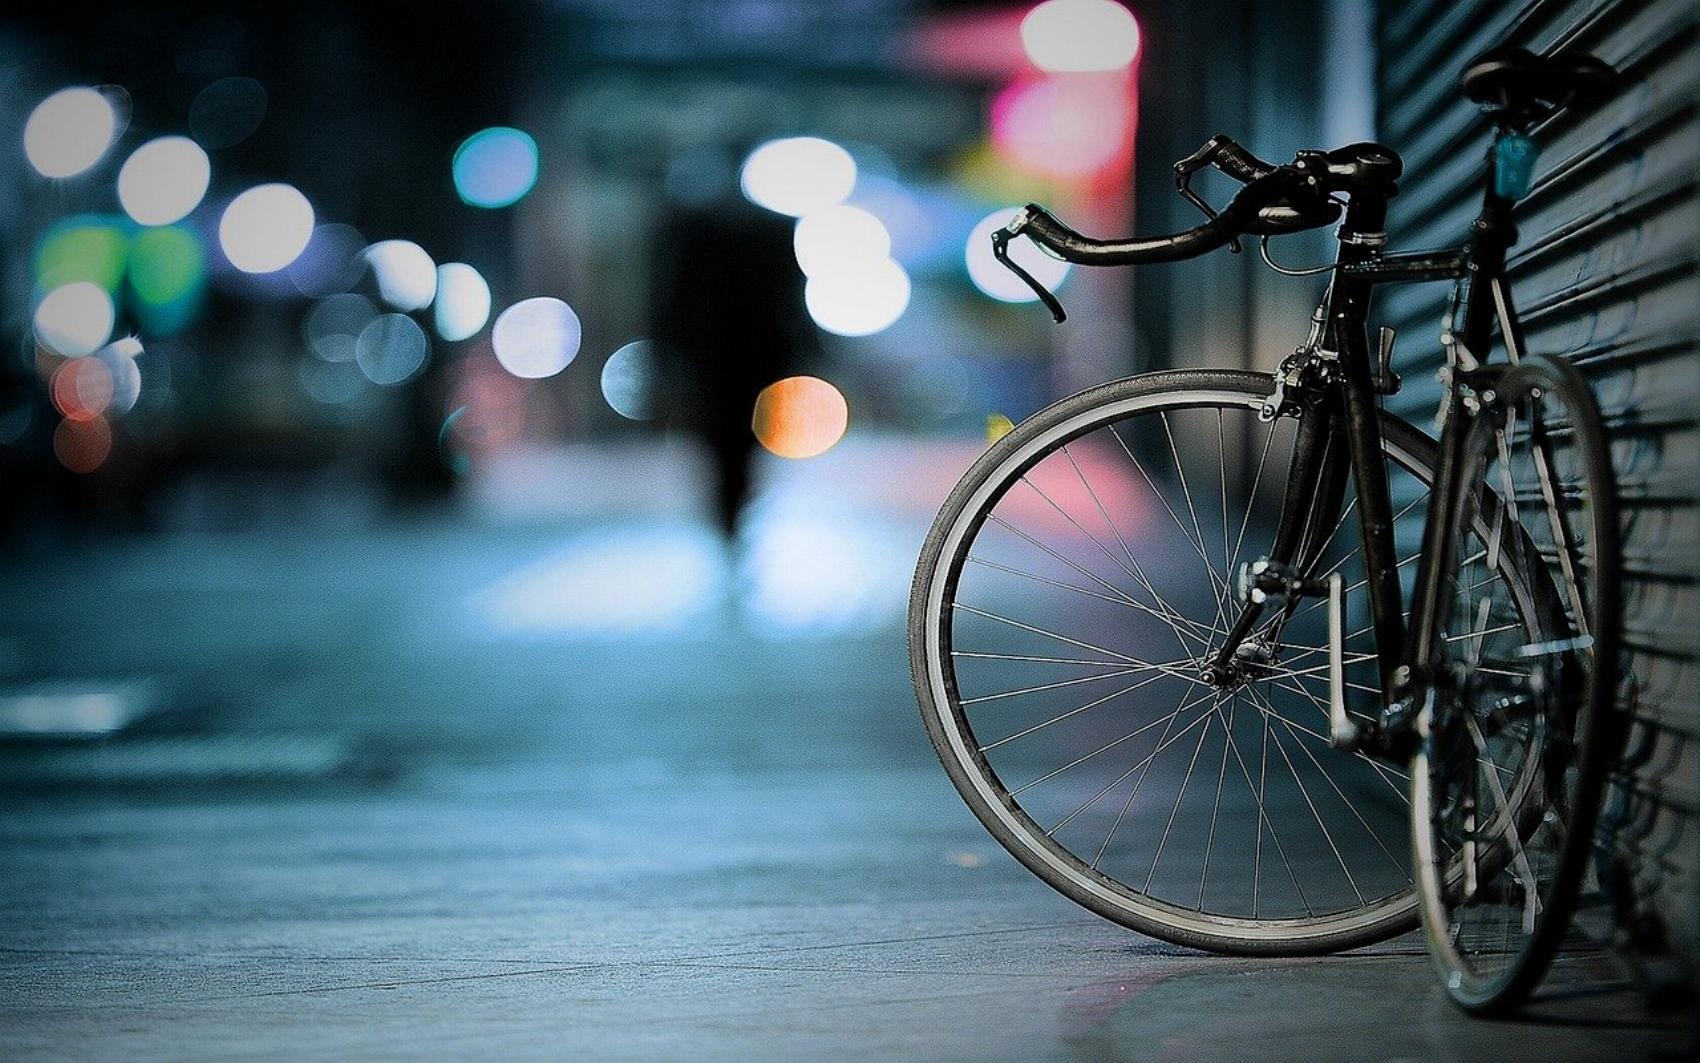 Fahrrad Nacht